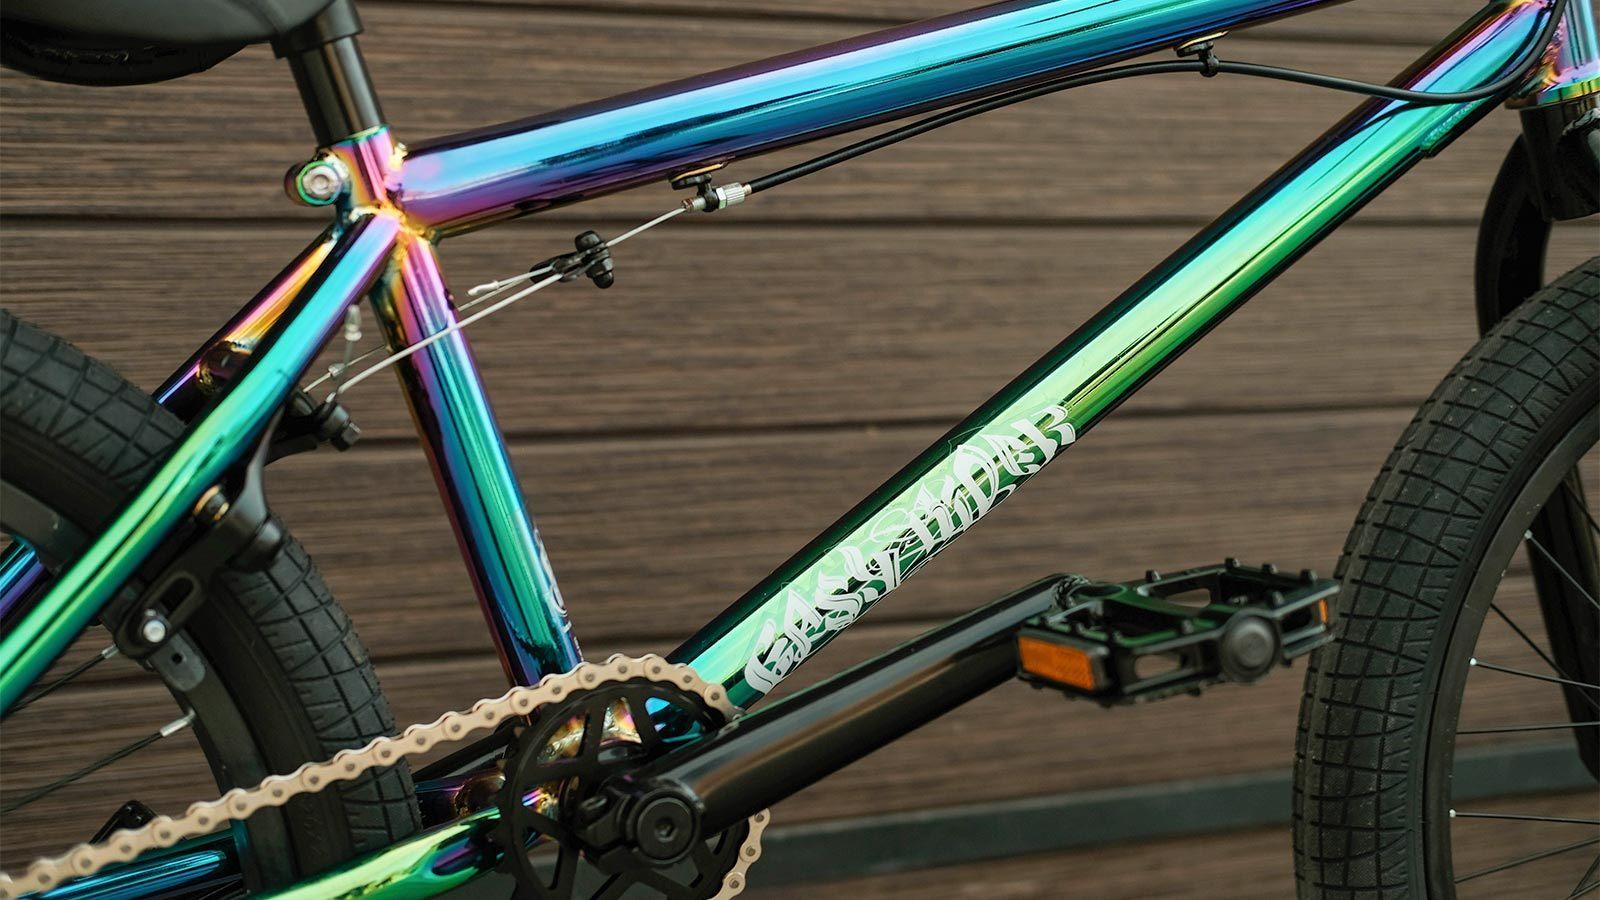 педали цена bmx трюковой купить велосипед бмх недорого